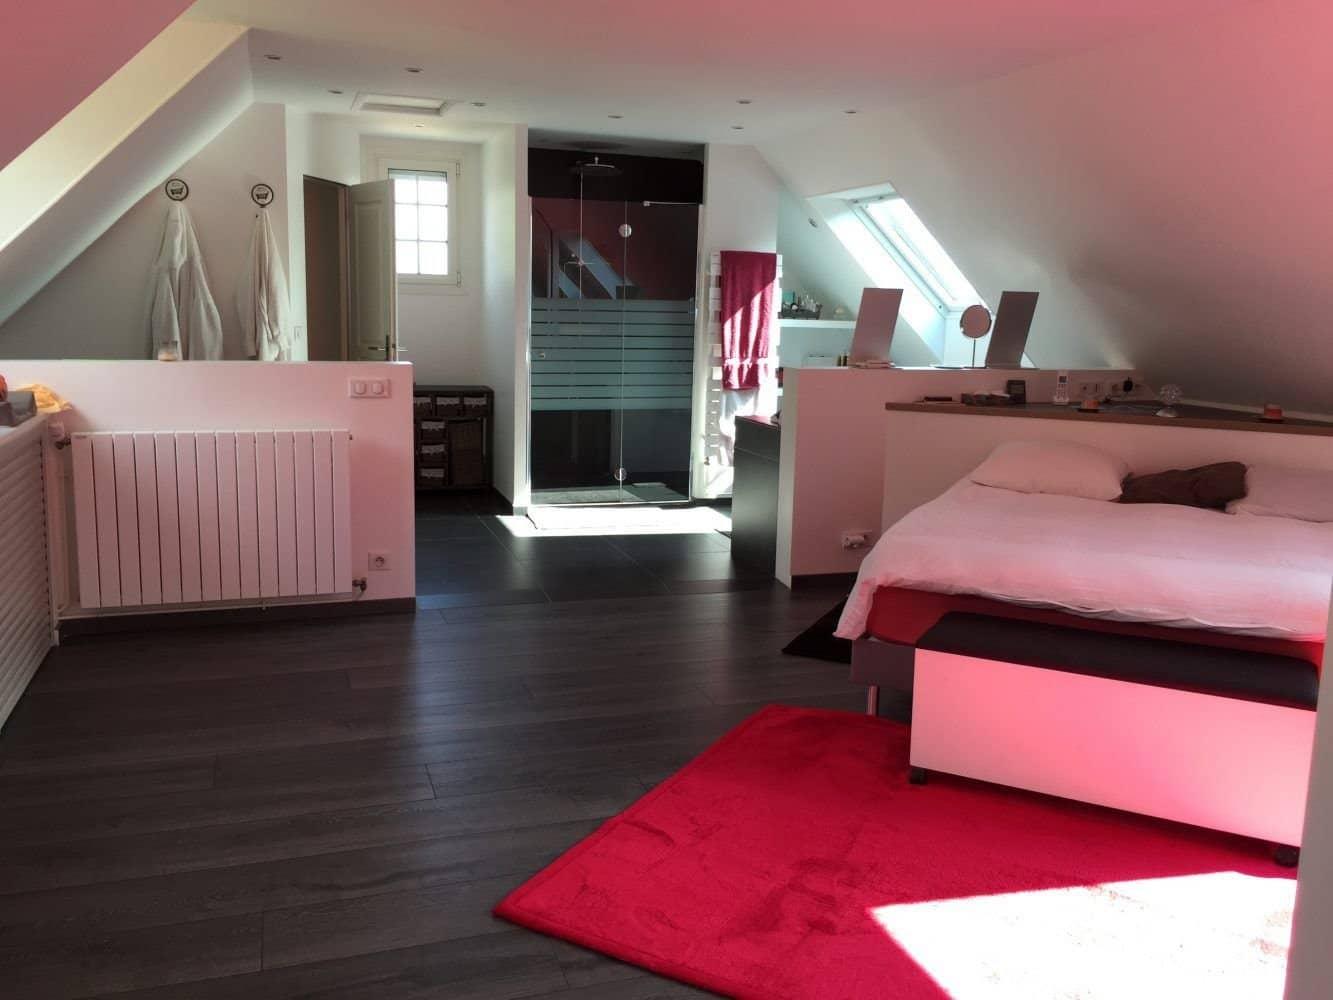 vendu saint l ger en yvelines maison enti rement r nov e sur 5000 m2 de terrain rch immobilier. Black Bedroom Furniture Sets. Home Design Ideas